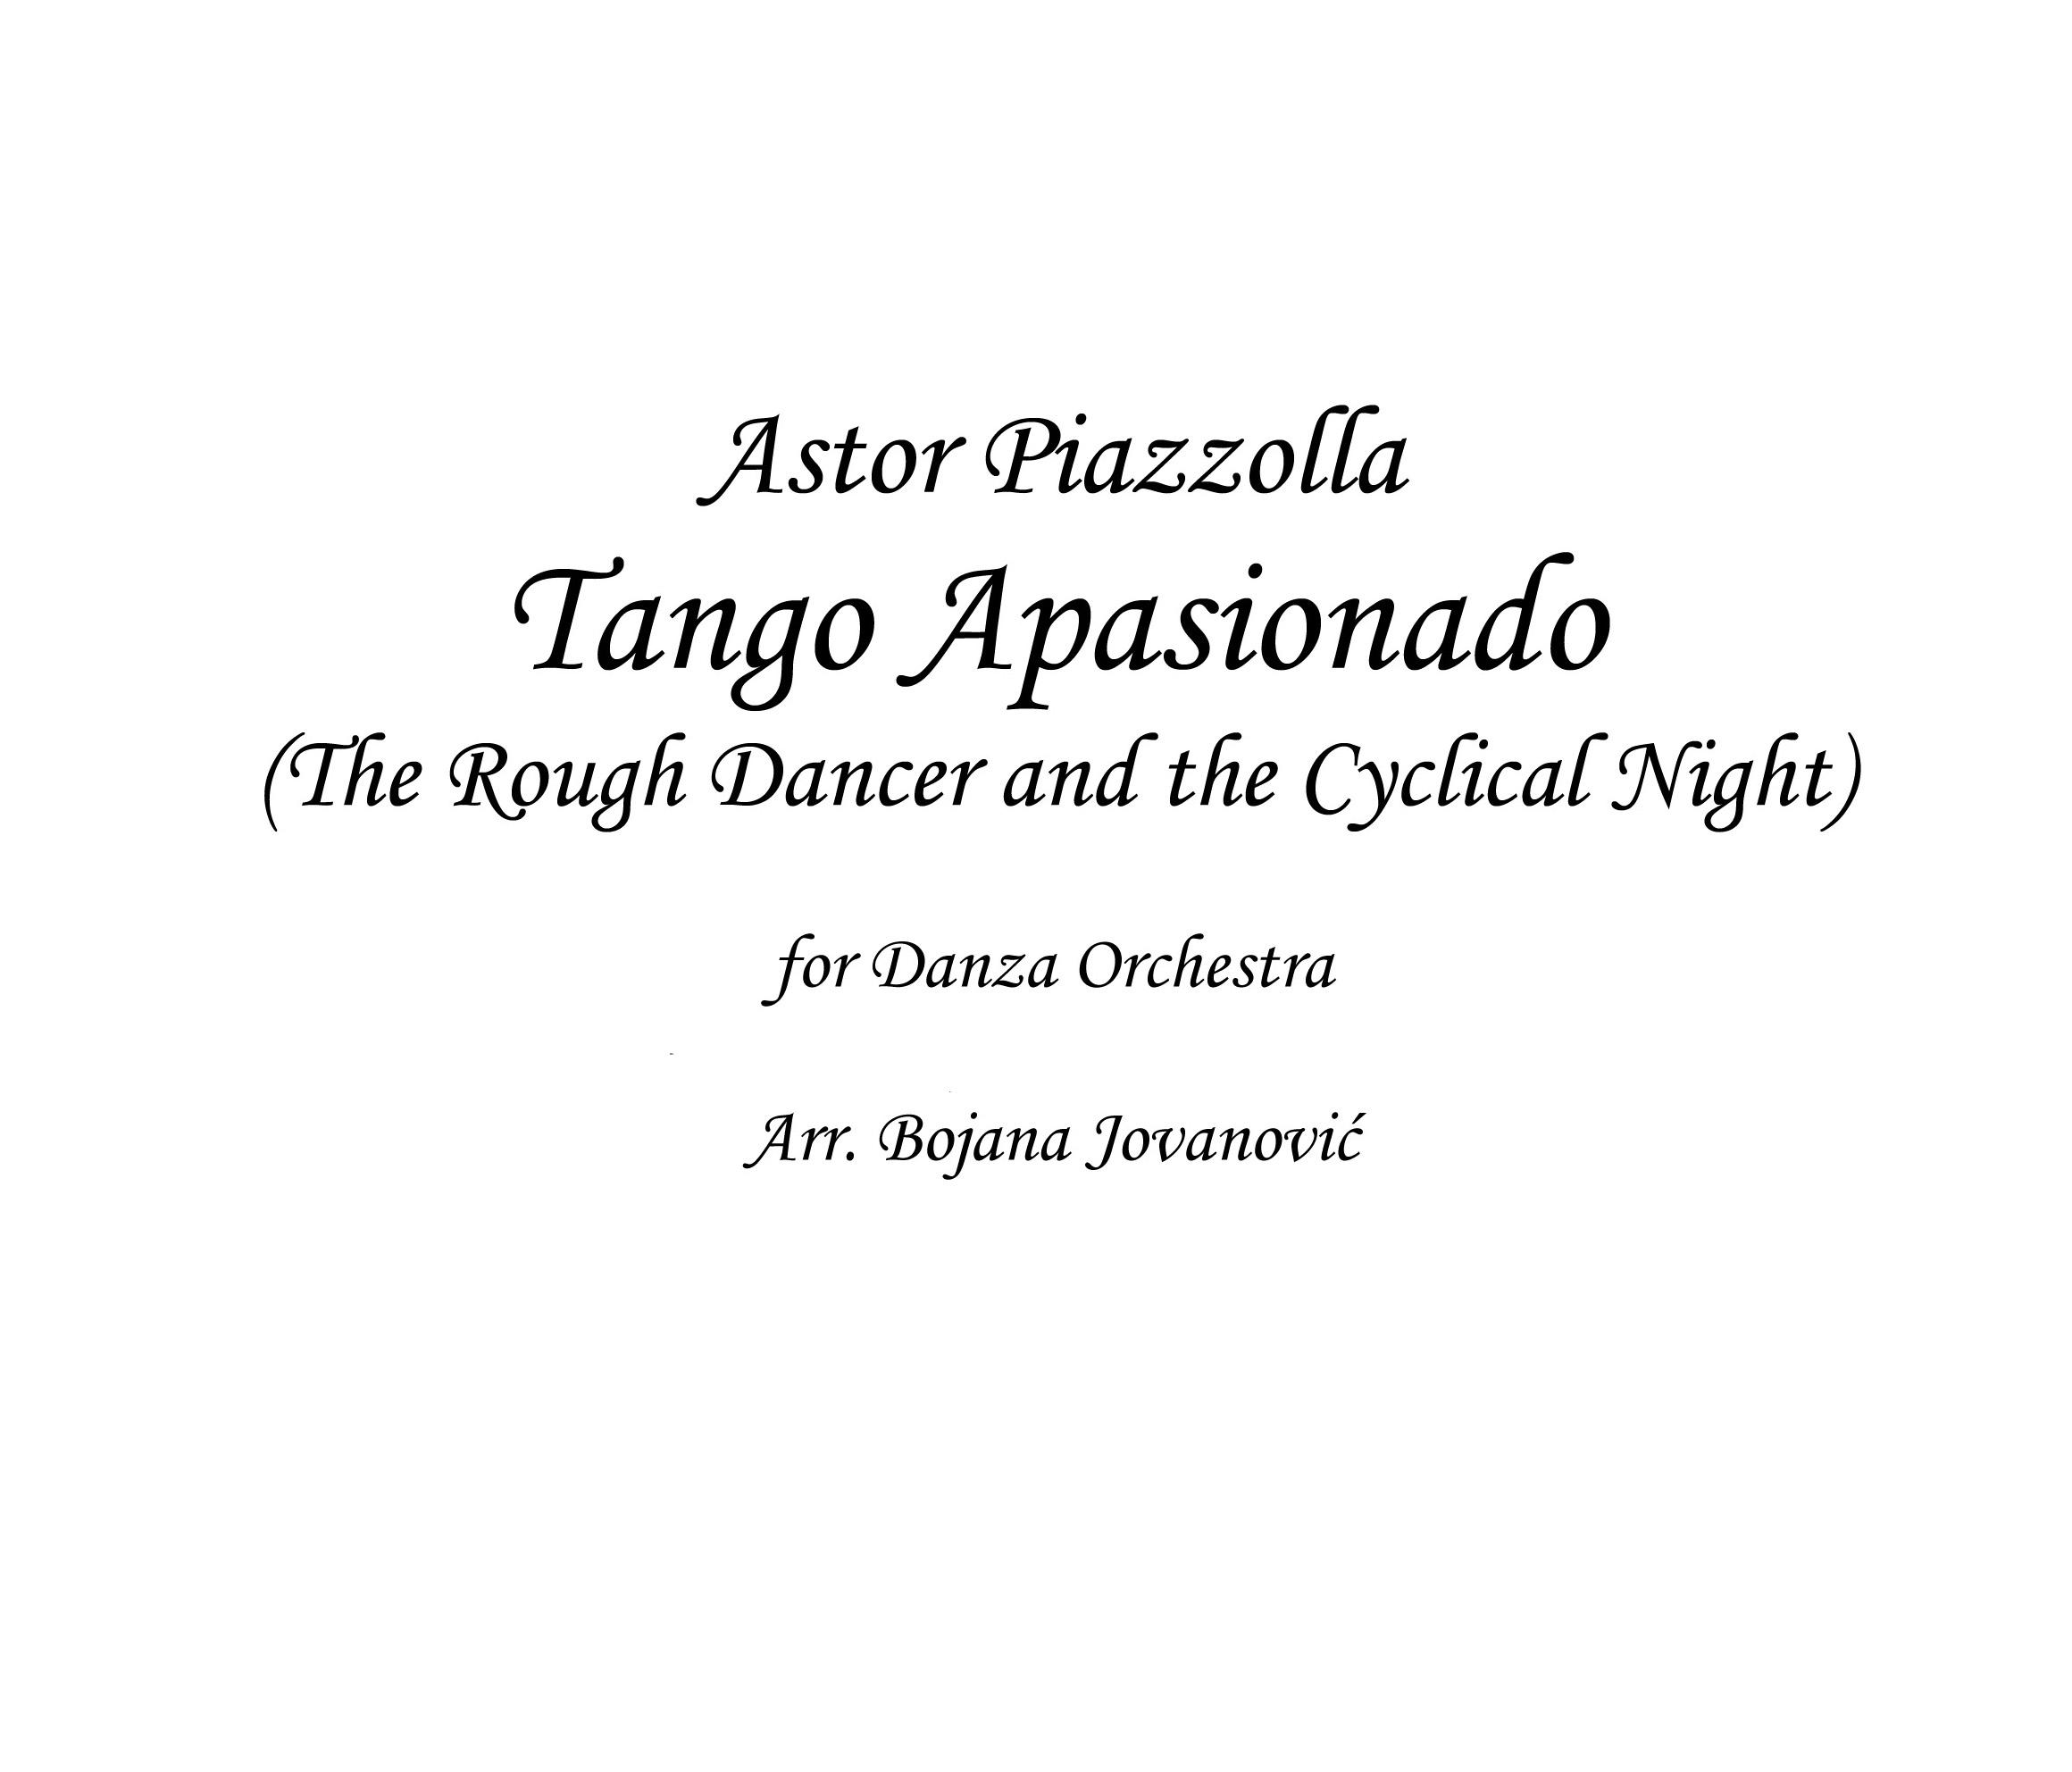 Astor Piazzolla Libertango Guitar Pdf Classical - qsoft-abcsoft